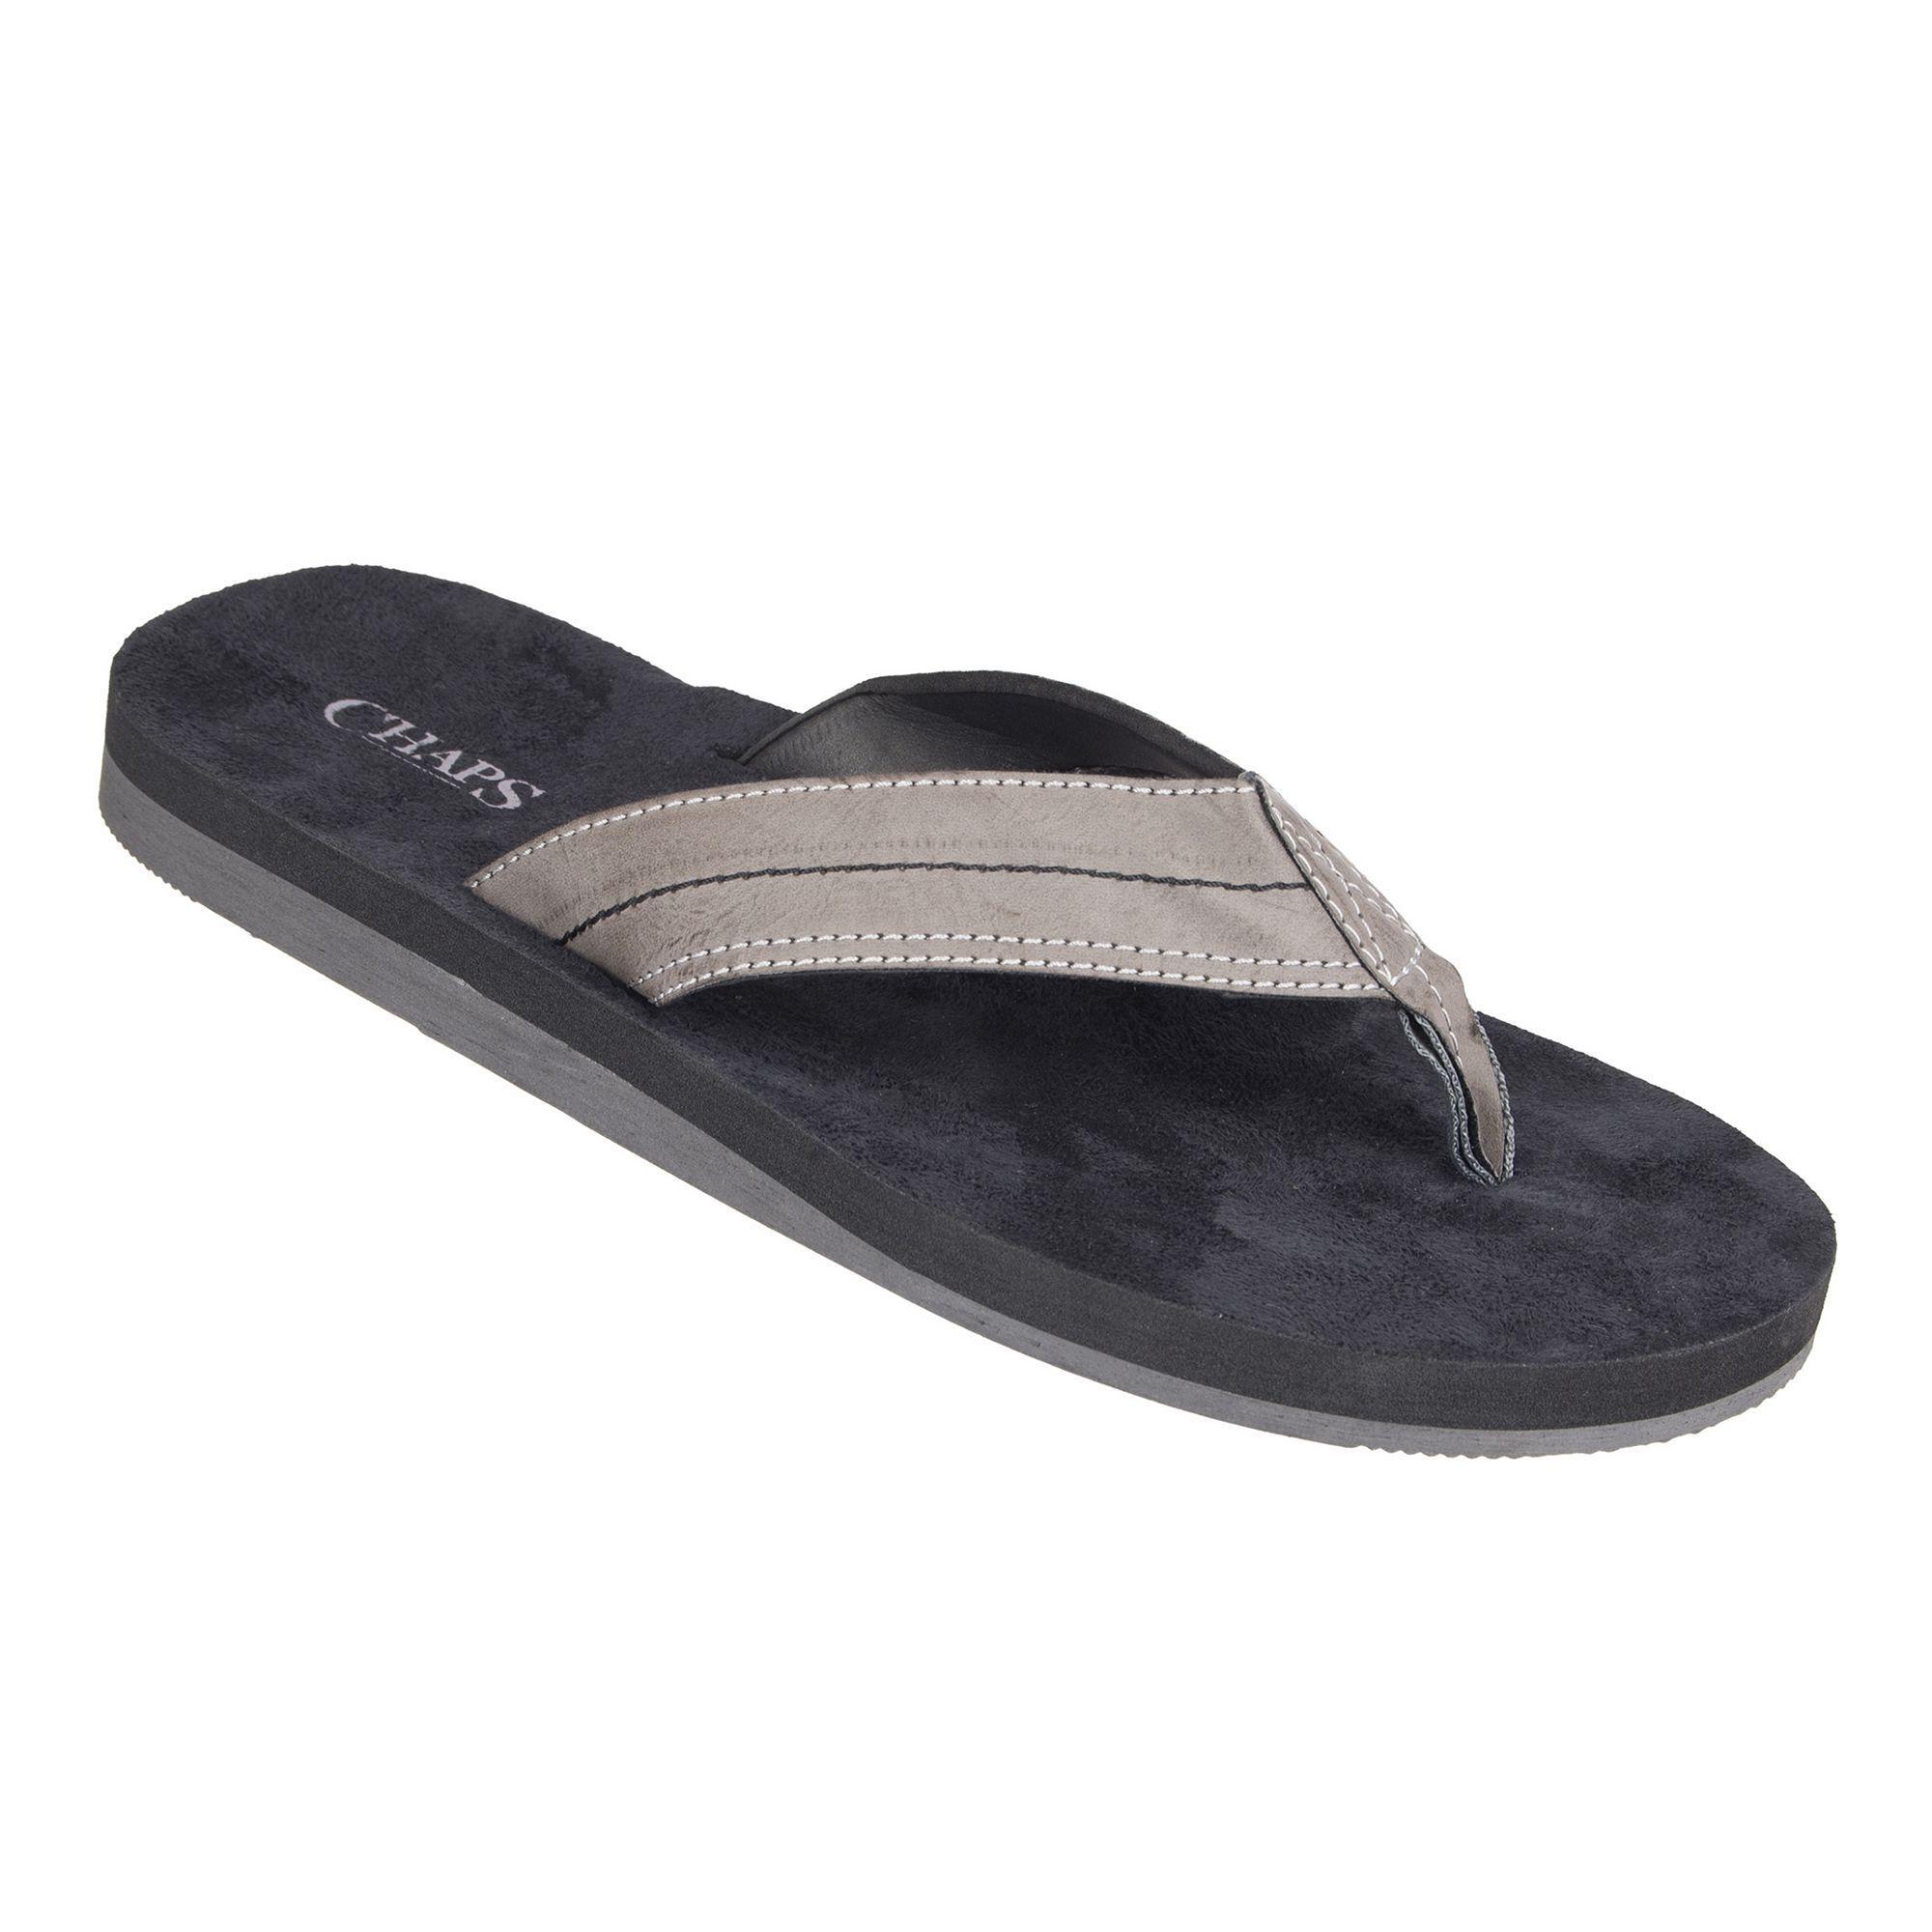 Men's Chaps Thong Sandals aVuPKRE